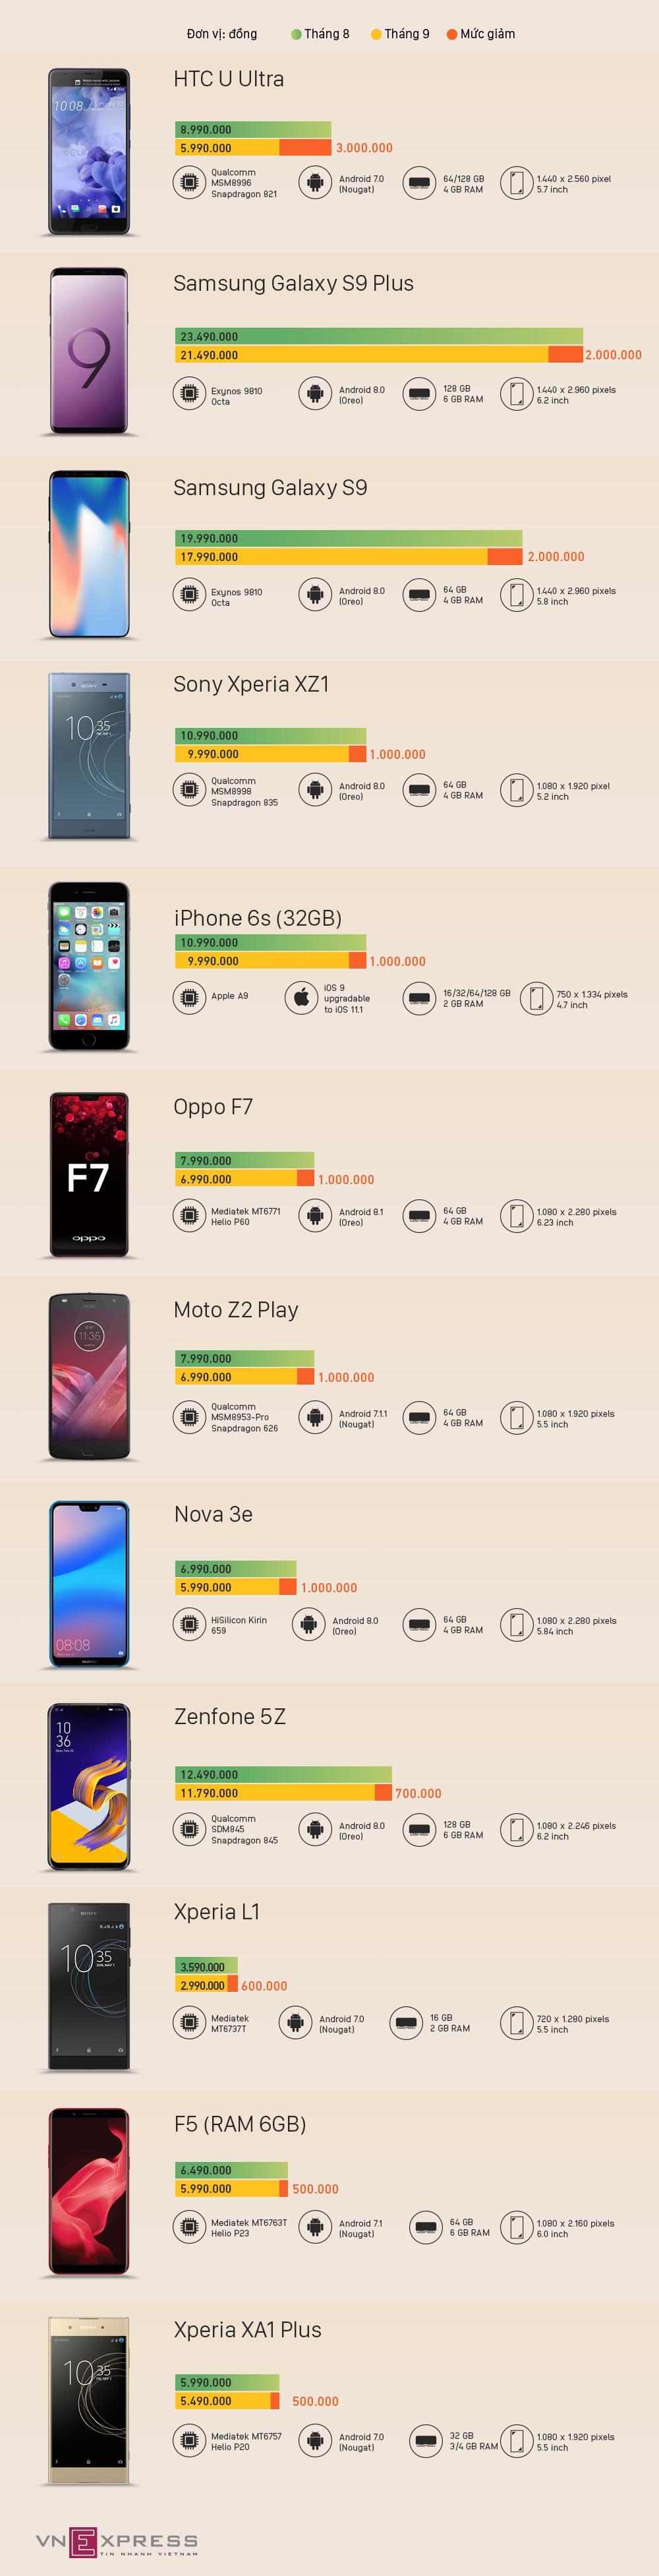 Loạt smartphone giảm giá đáng chú ý trong tháng 8